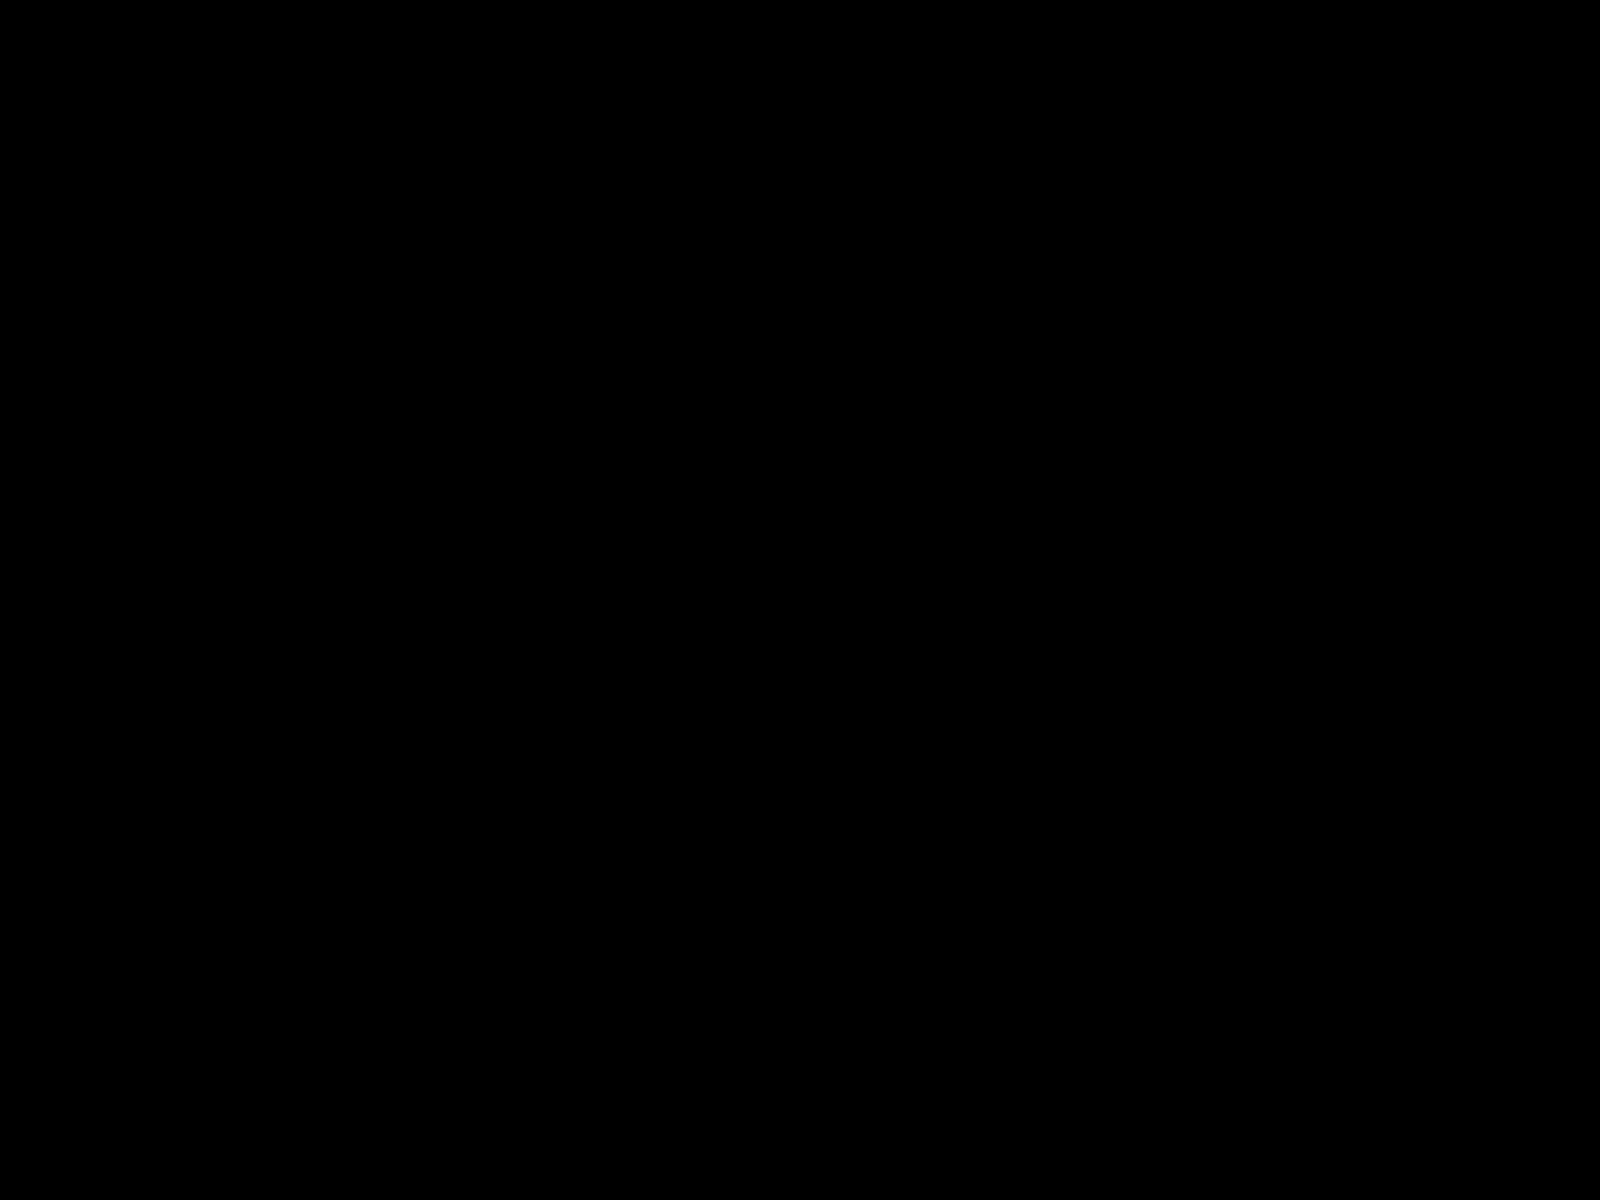 Logo EXO Format PNG